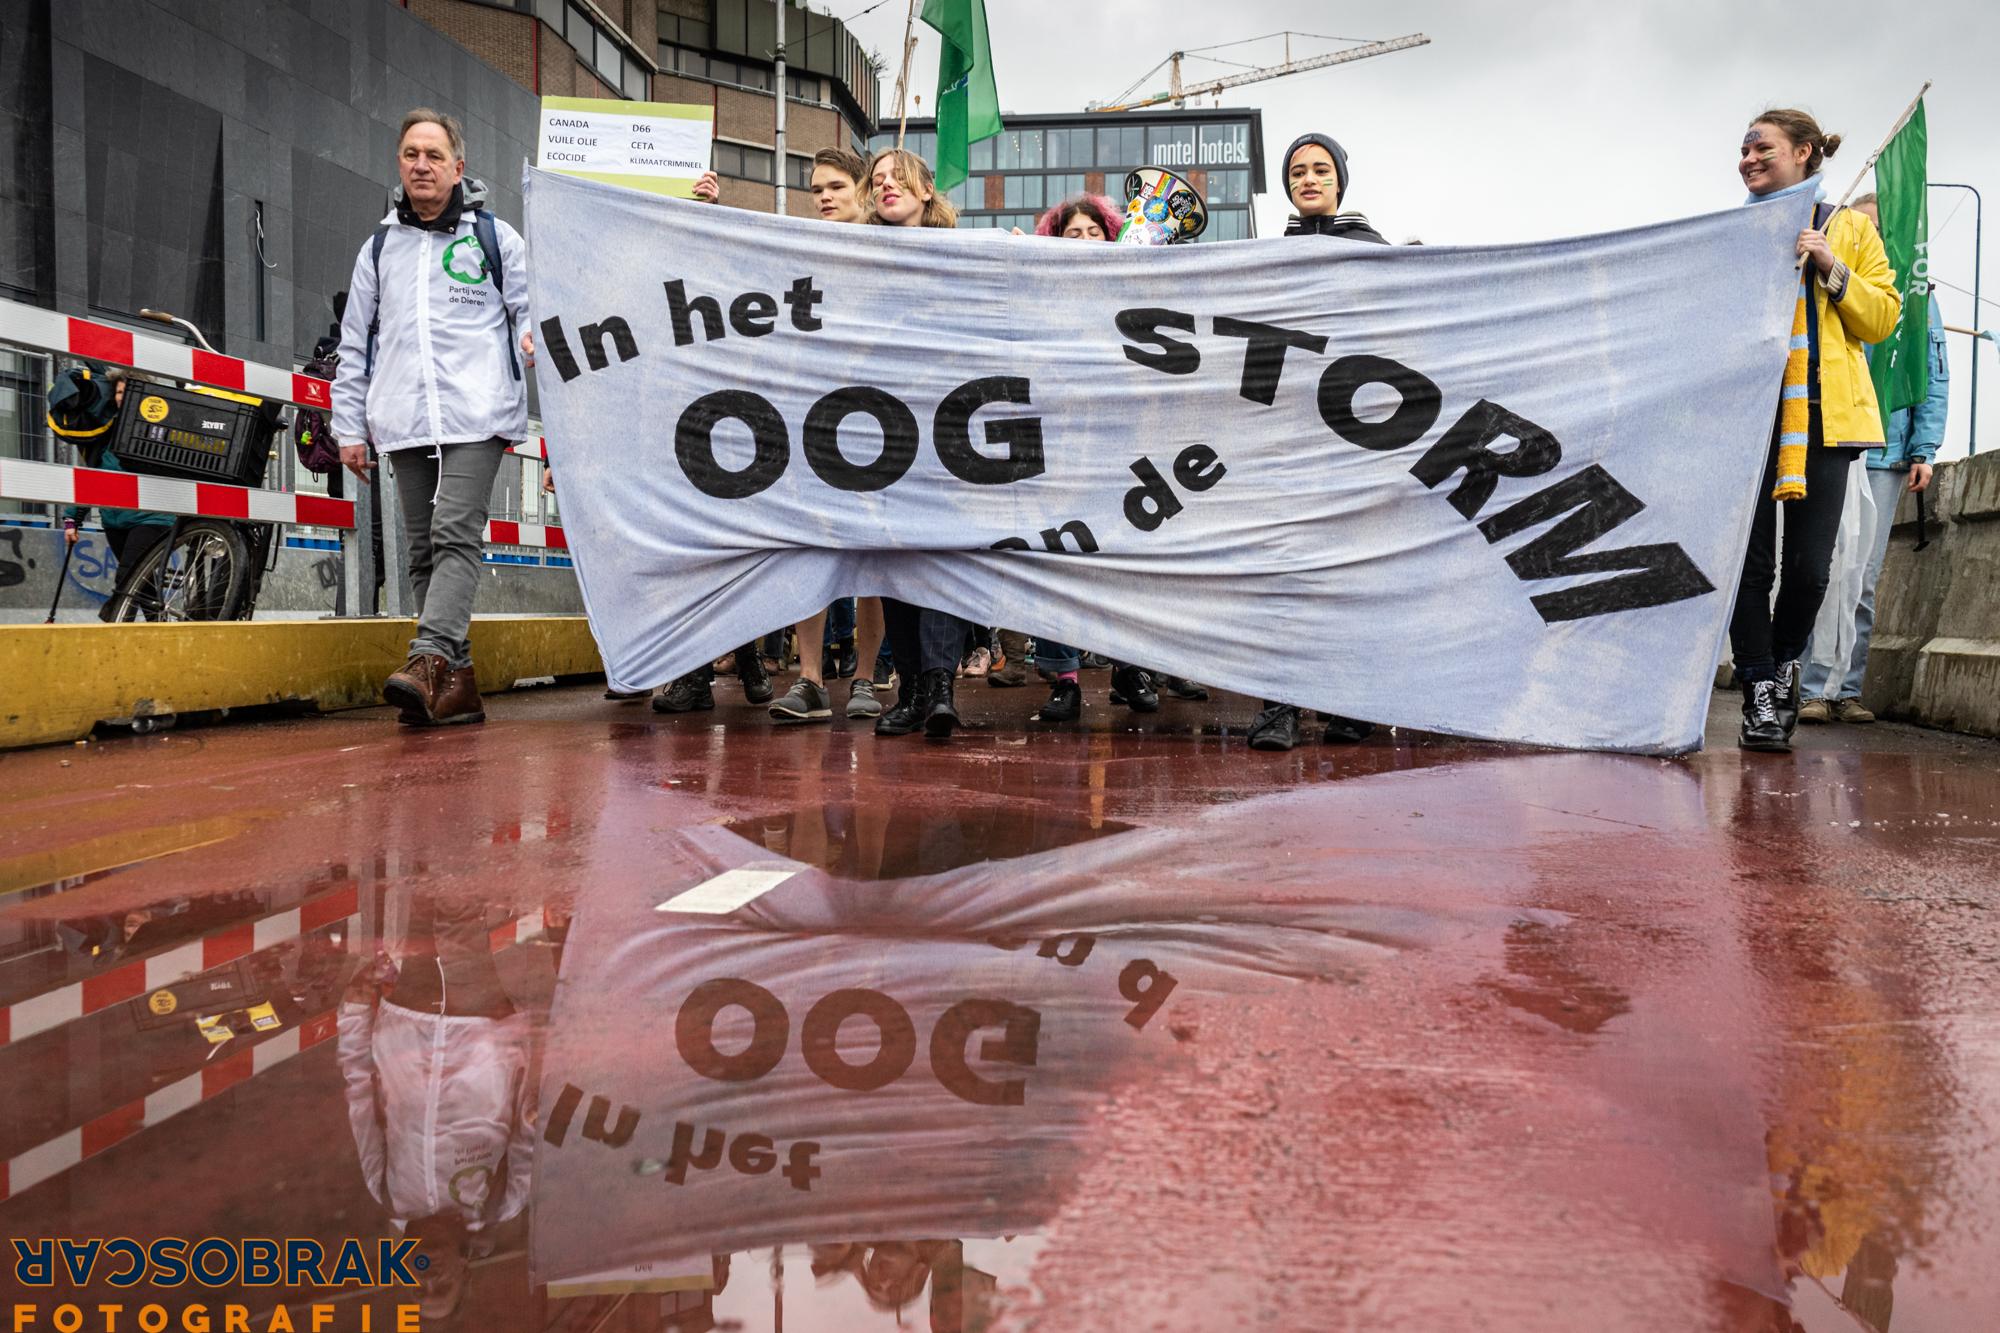 klimaatmars, utrecht, oog van de storm, oscar brak fotografie